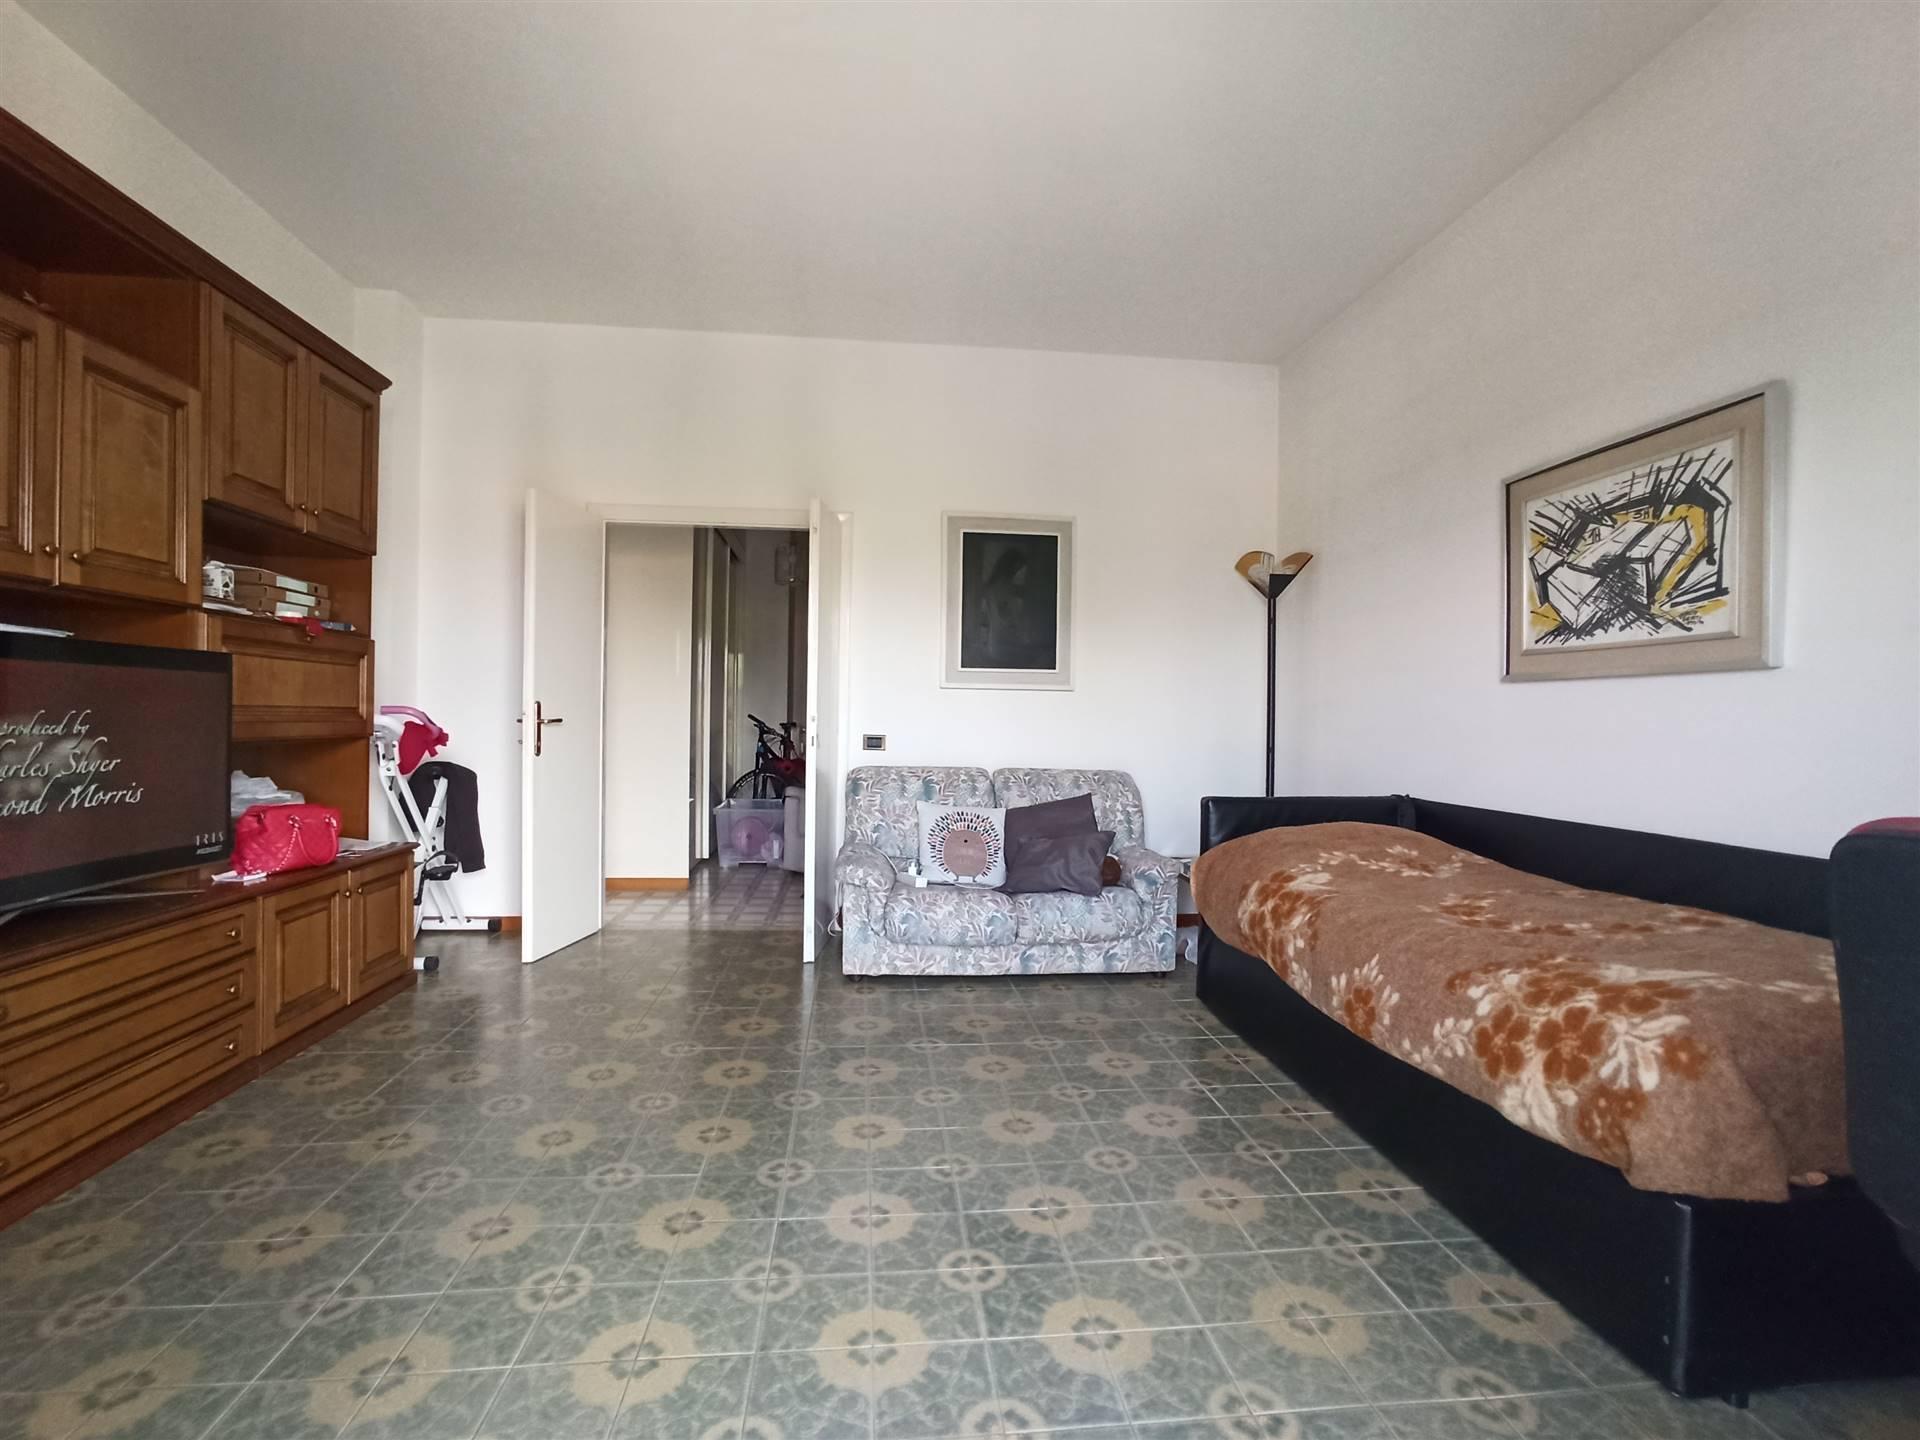 Campi Bisenzio pressi, località San Piero a Ponti, in zona tranquilla e ben servita, proponiamo in vendita un pratico appartamento TRIVANI di 90mq